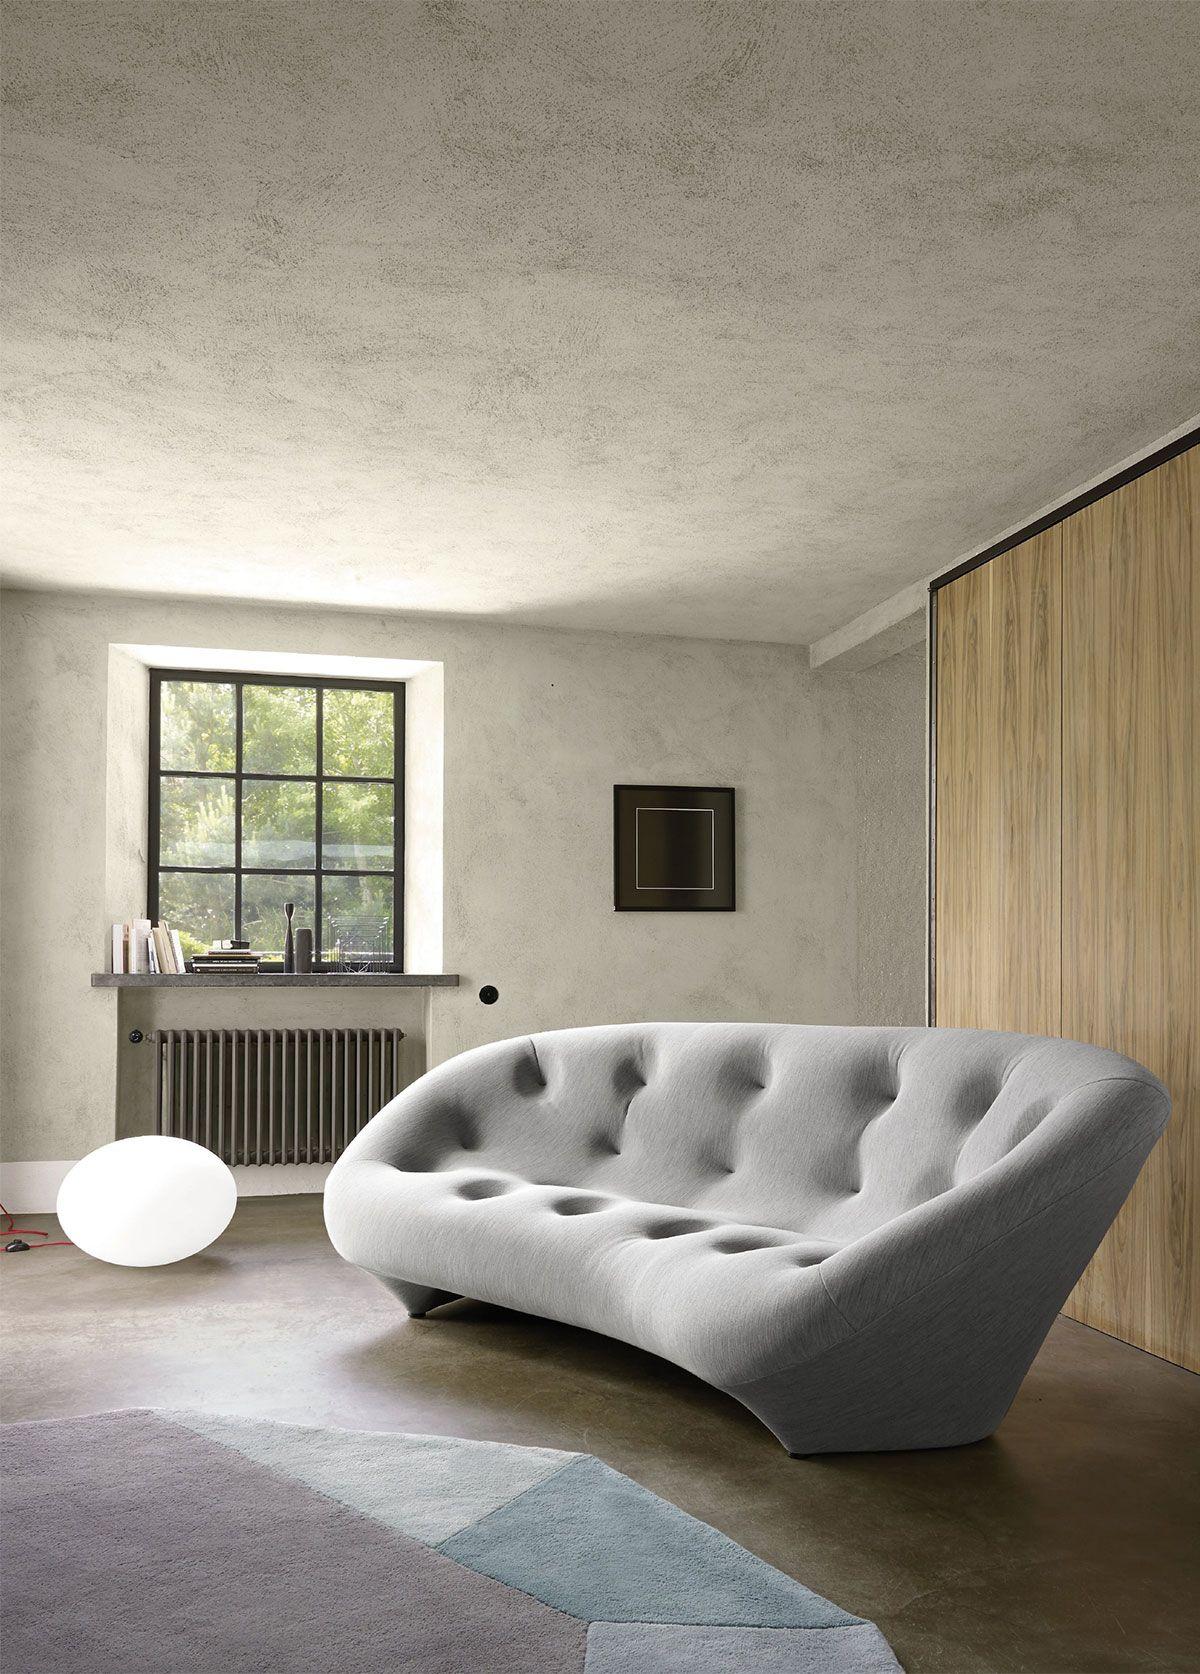 Ploum Sofa Set Designed By R E Bouroullec For Ligne Roset